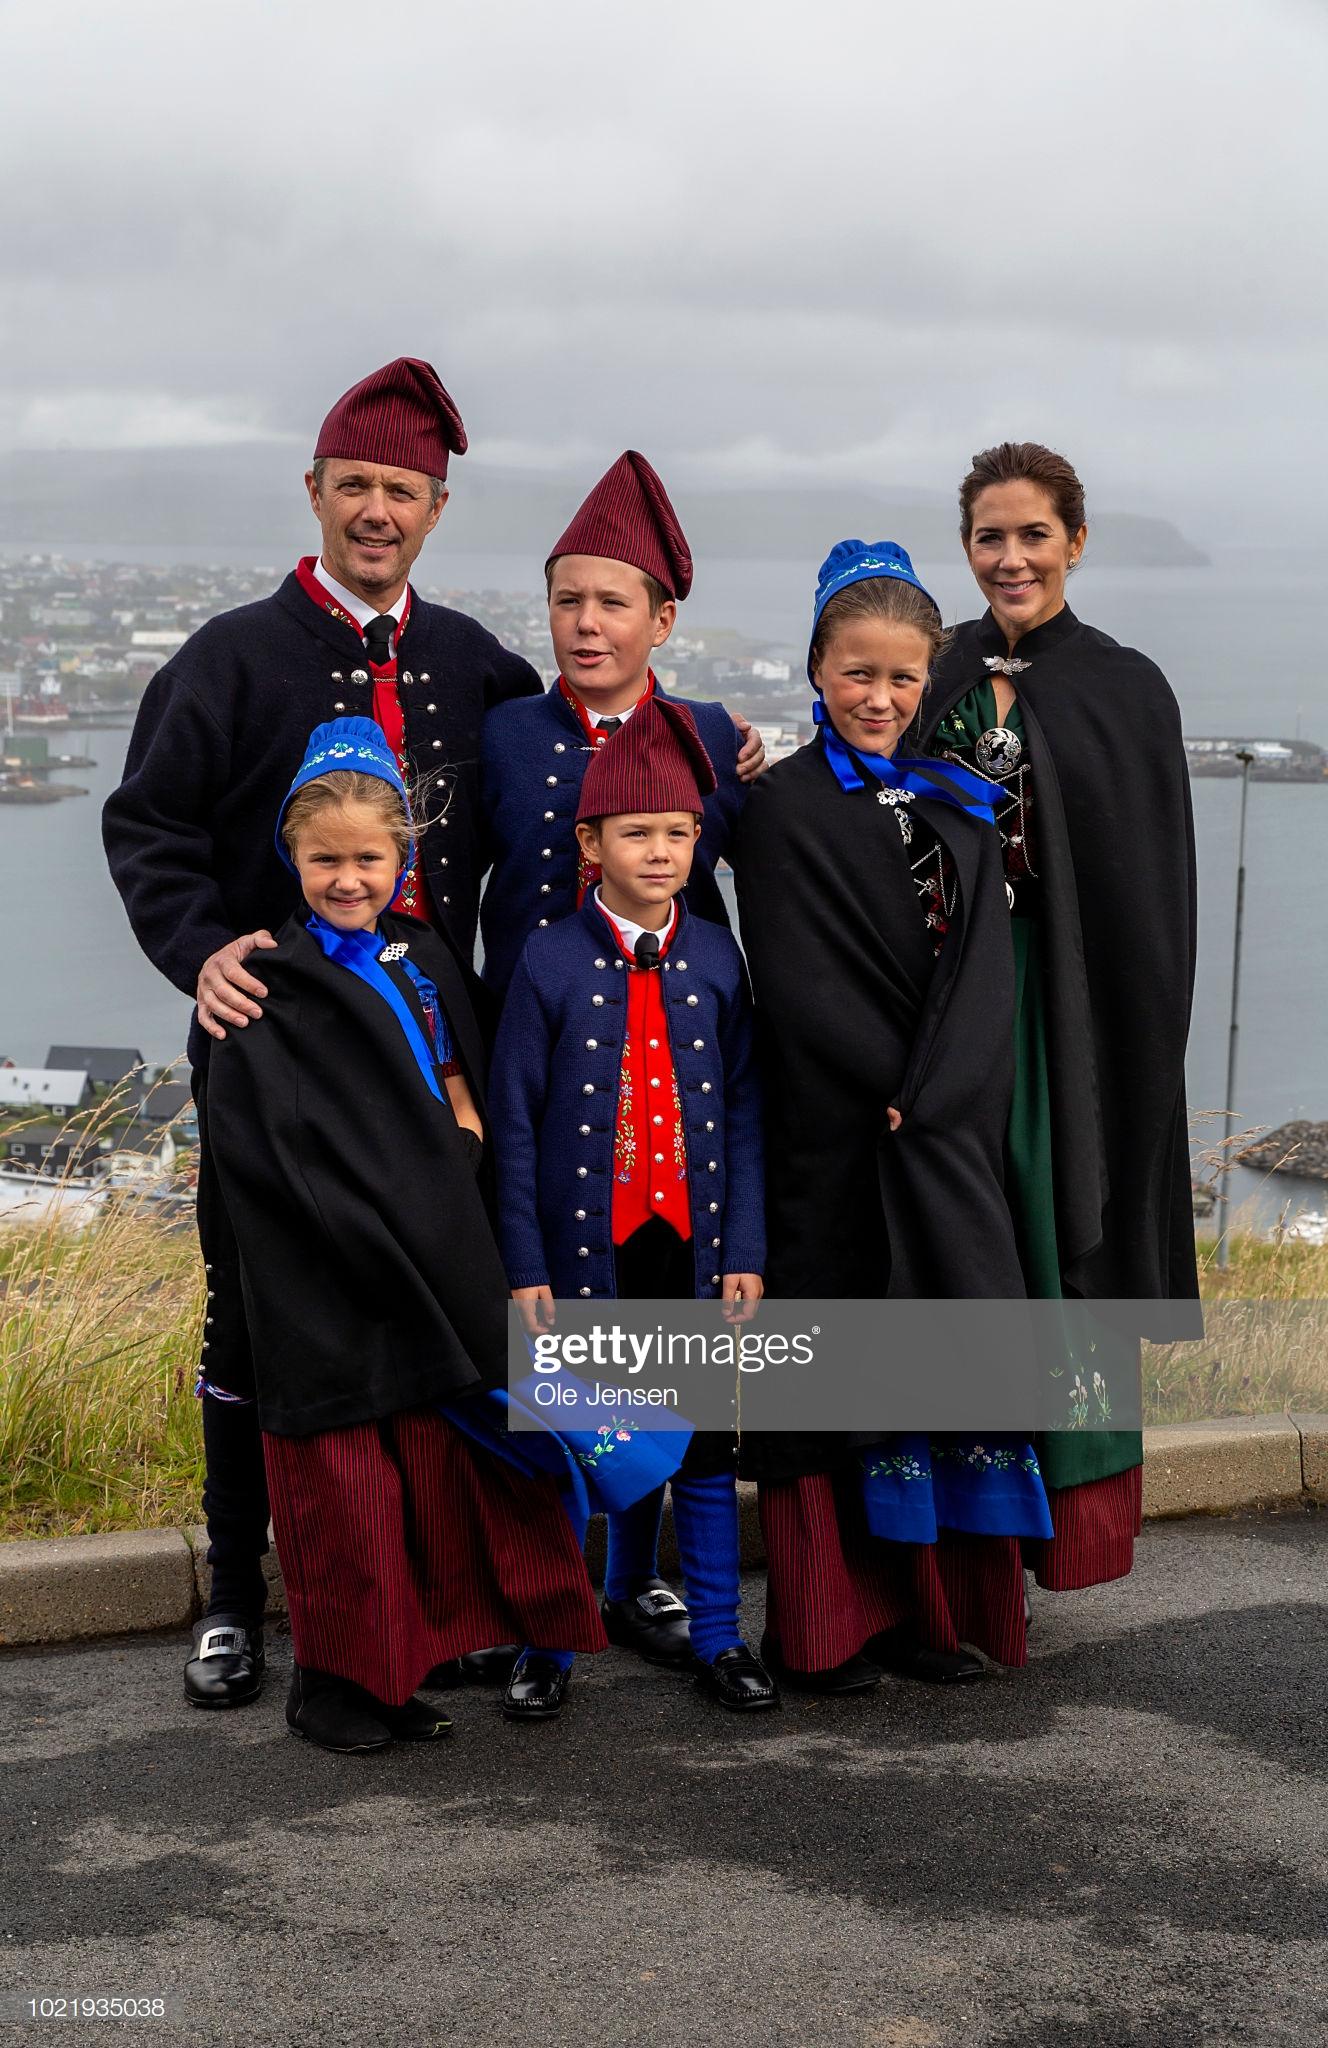 Danish Royal Family Visit The Faroe Islands In The North Atlantic : Fotografía de noticias